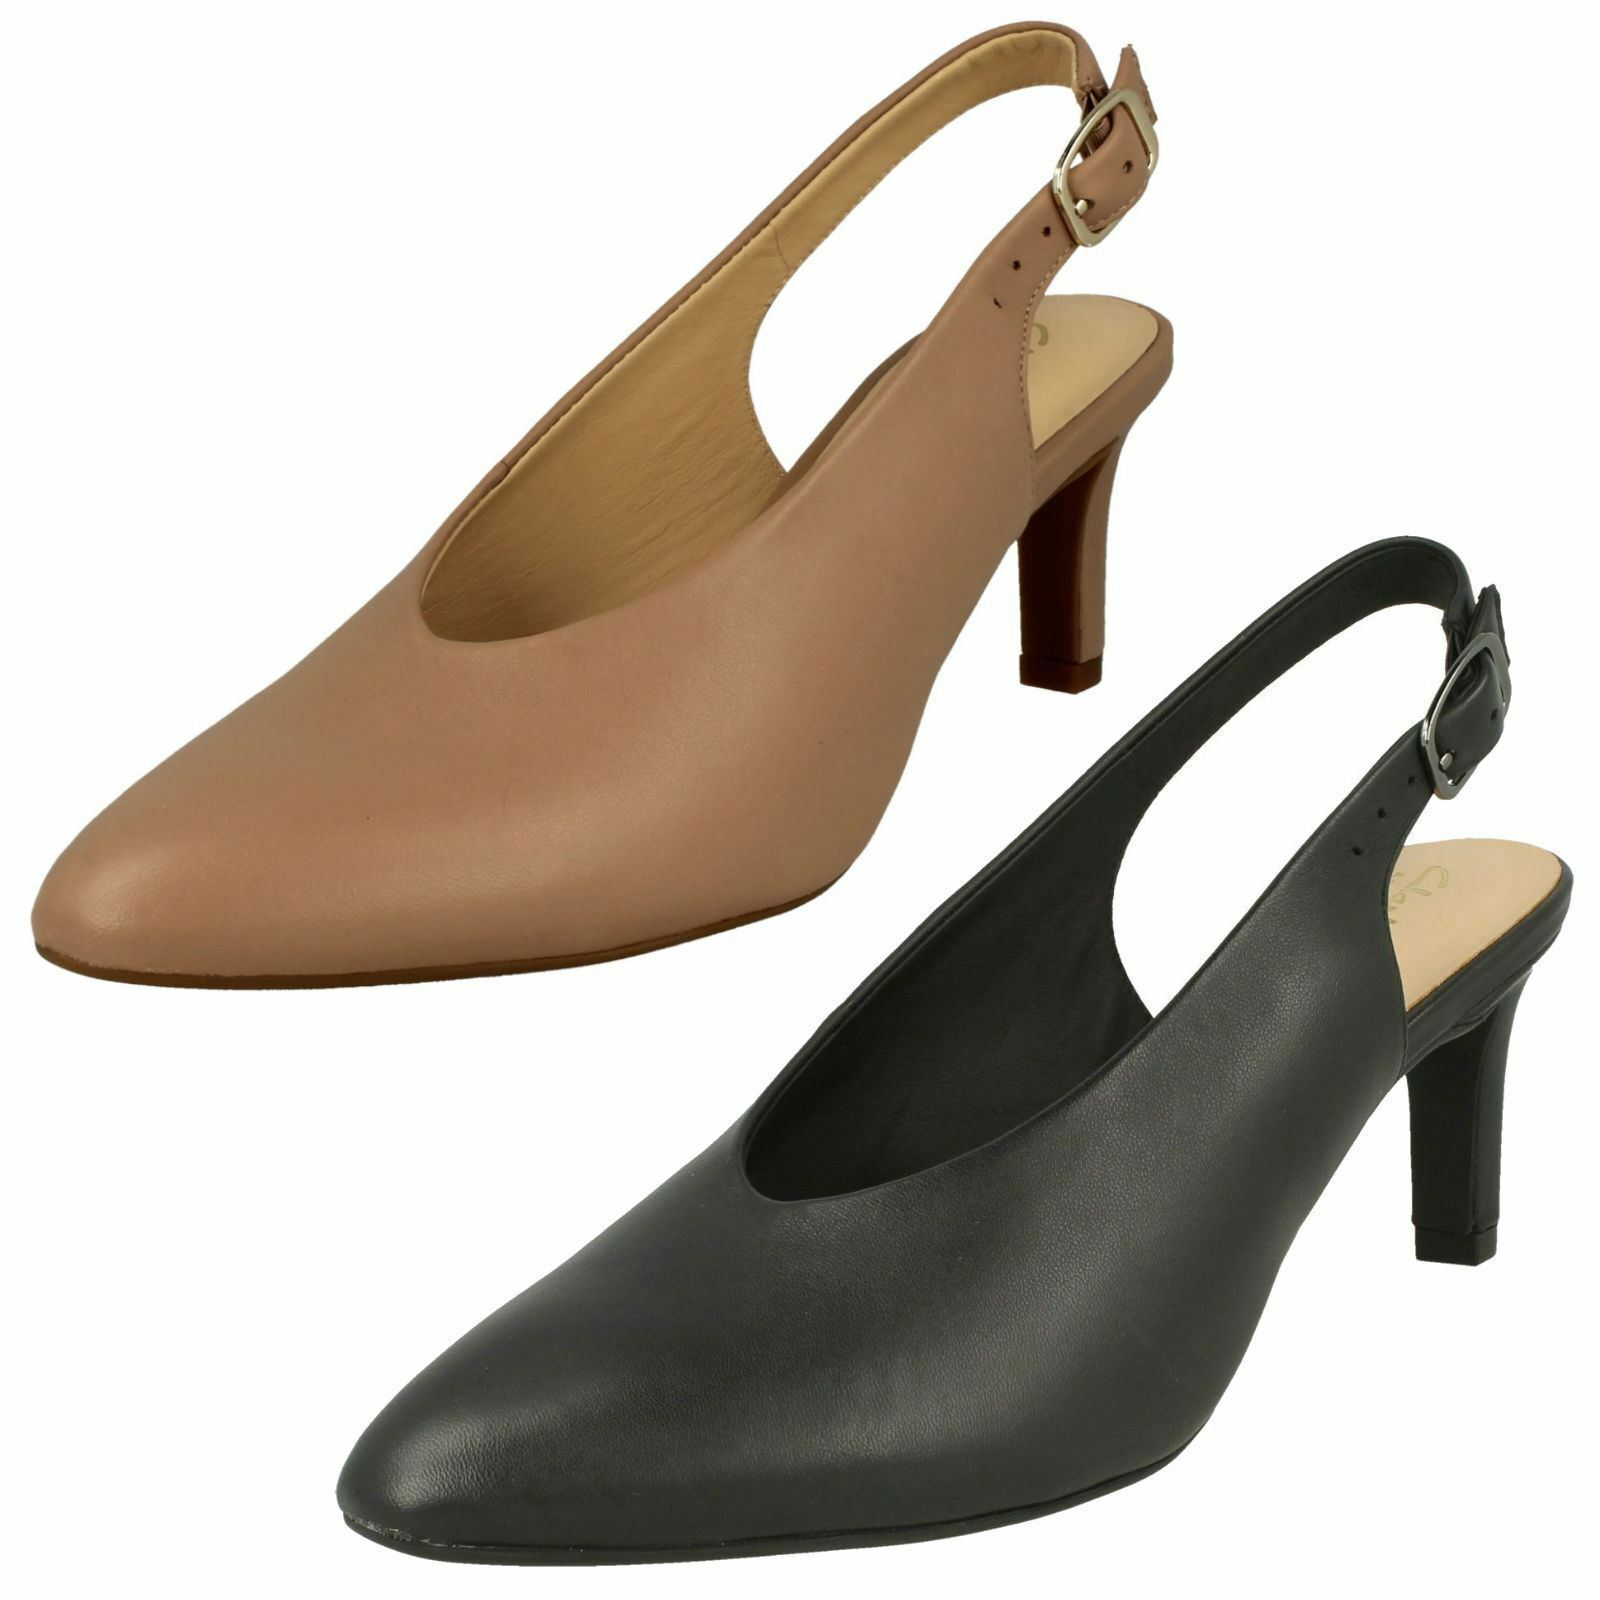 Damen Clarks Leder Schuh Spitz Spitz Spitz Sling Absatz Schuhe Sandalen Calla lilat 304643